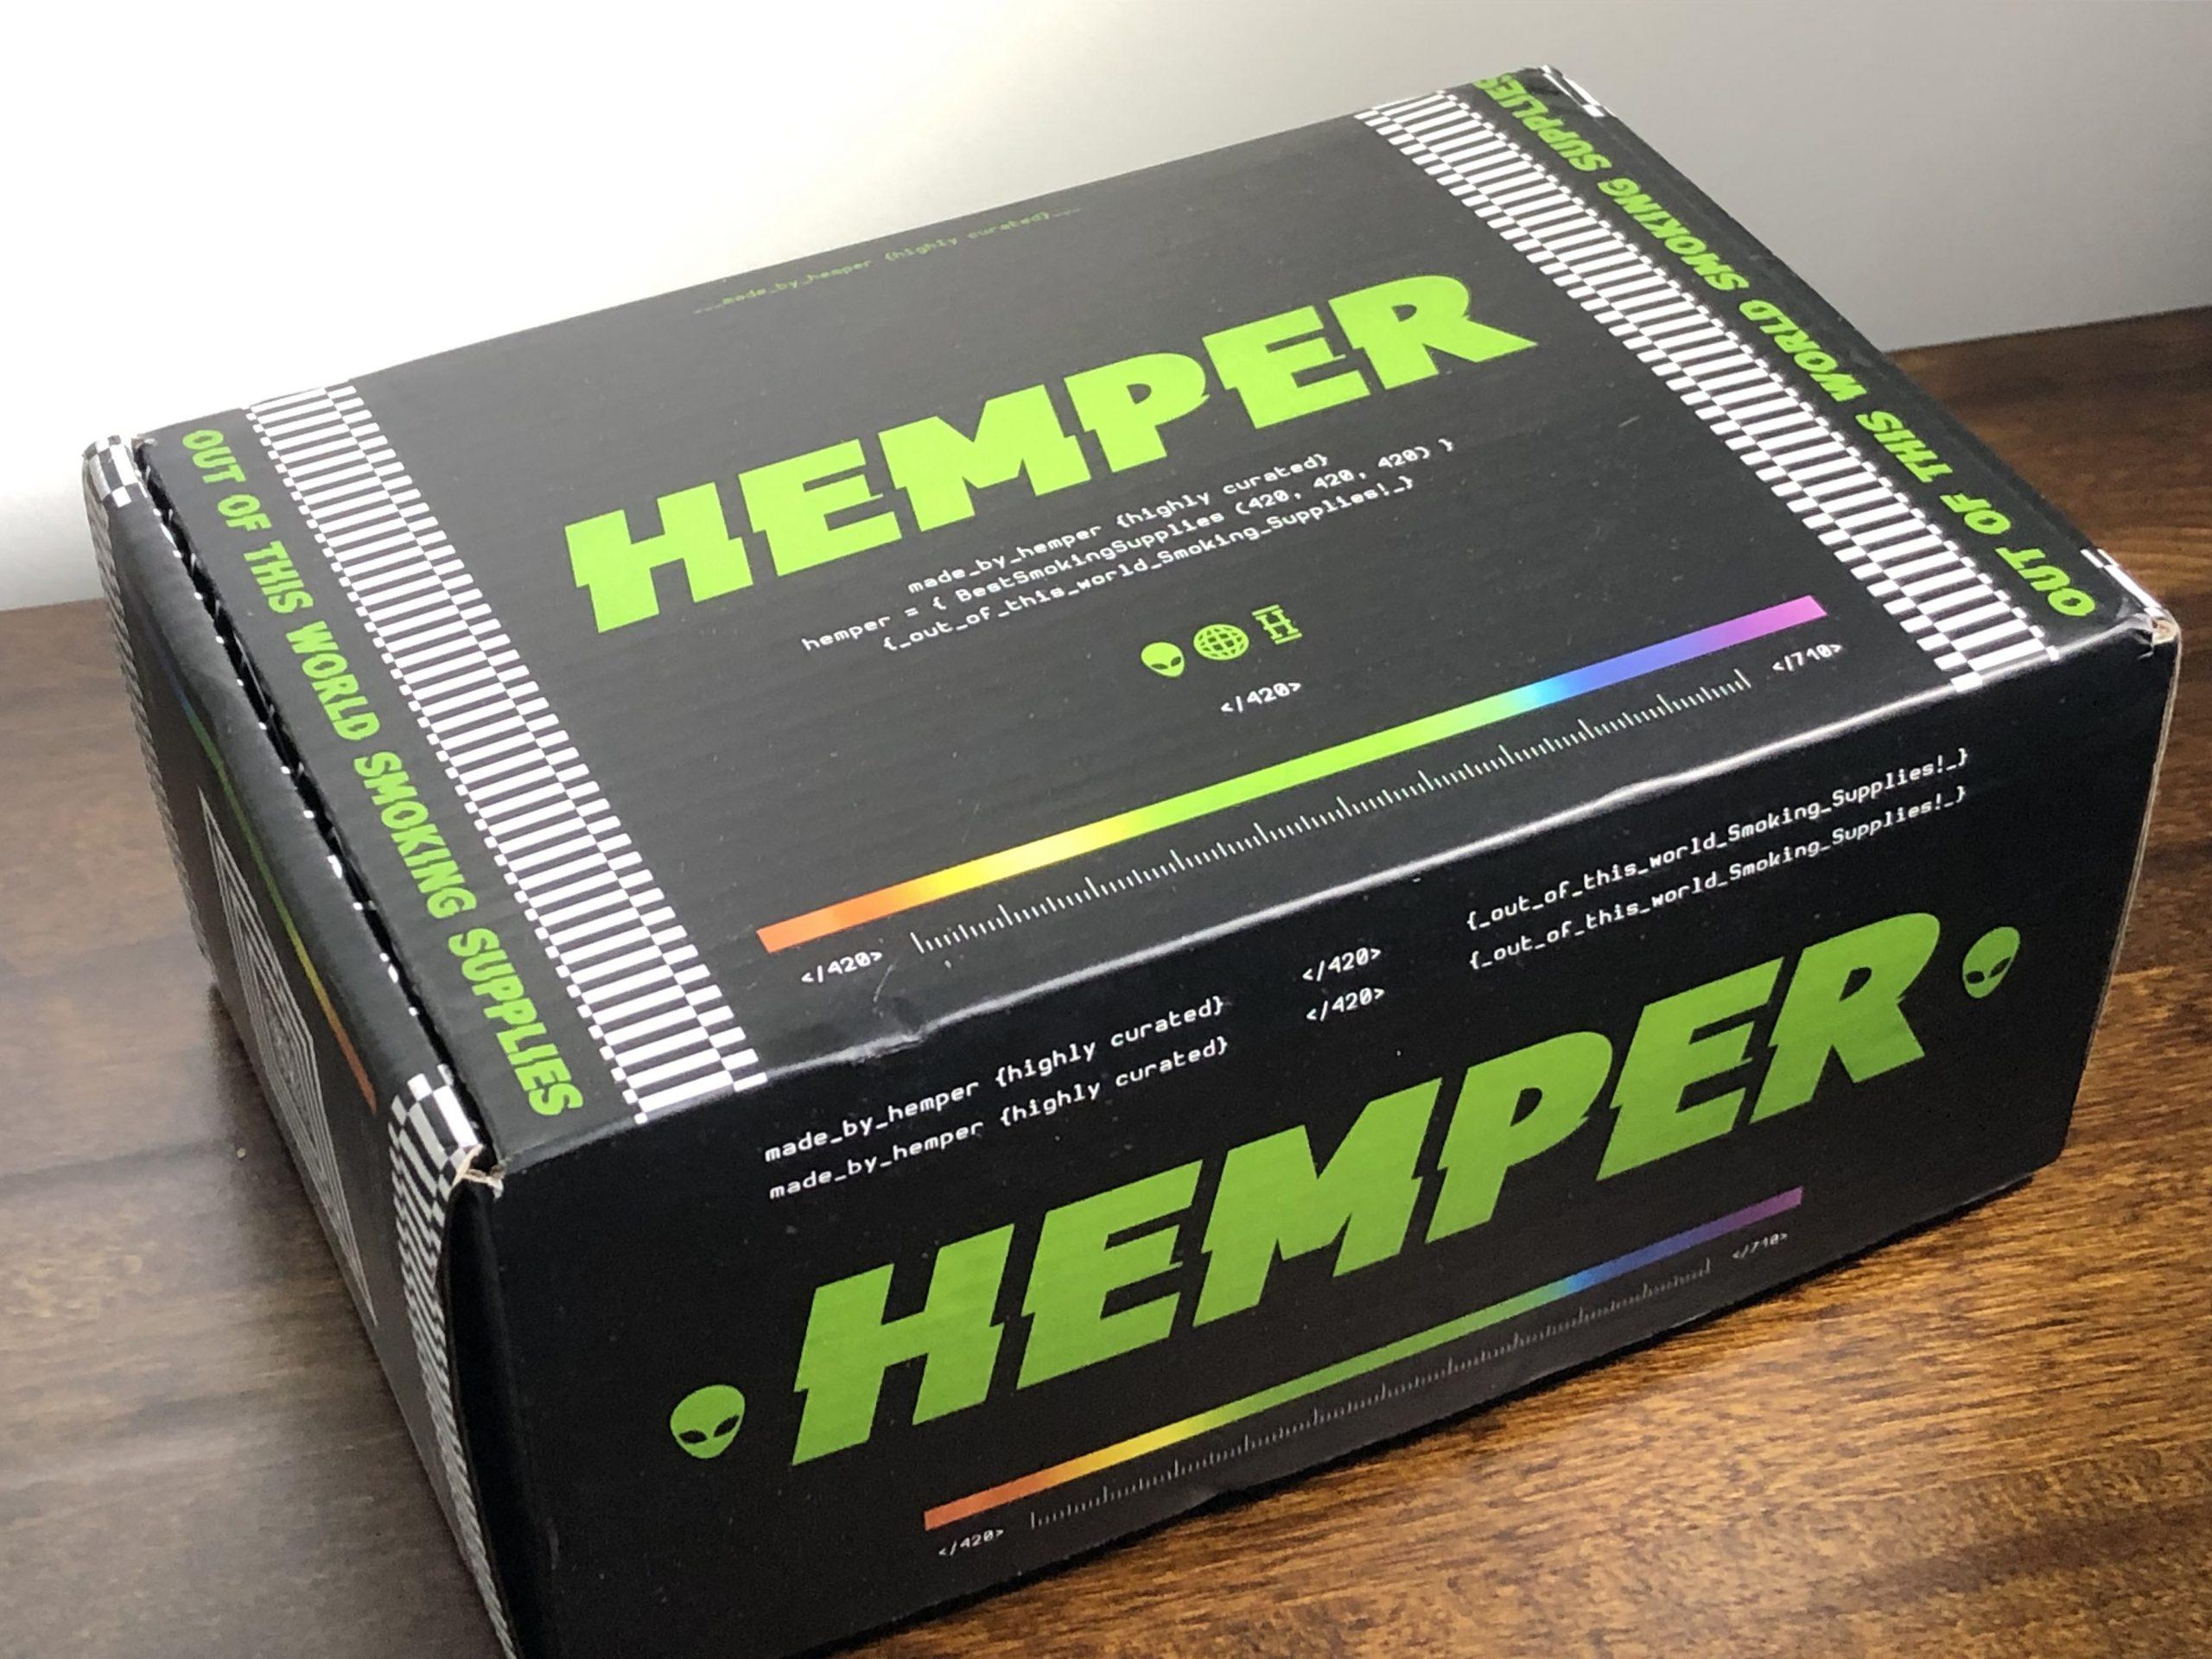 Hemper Box closed